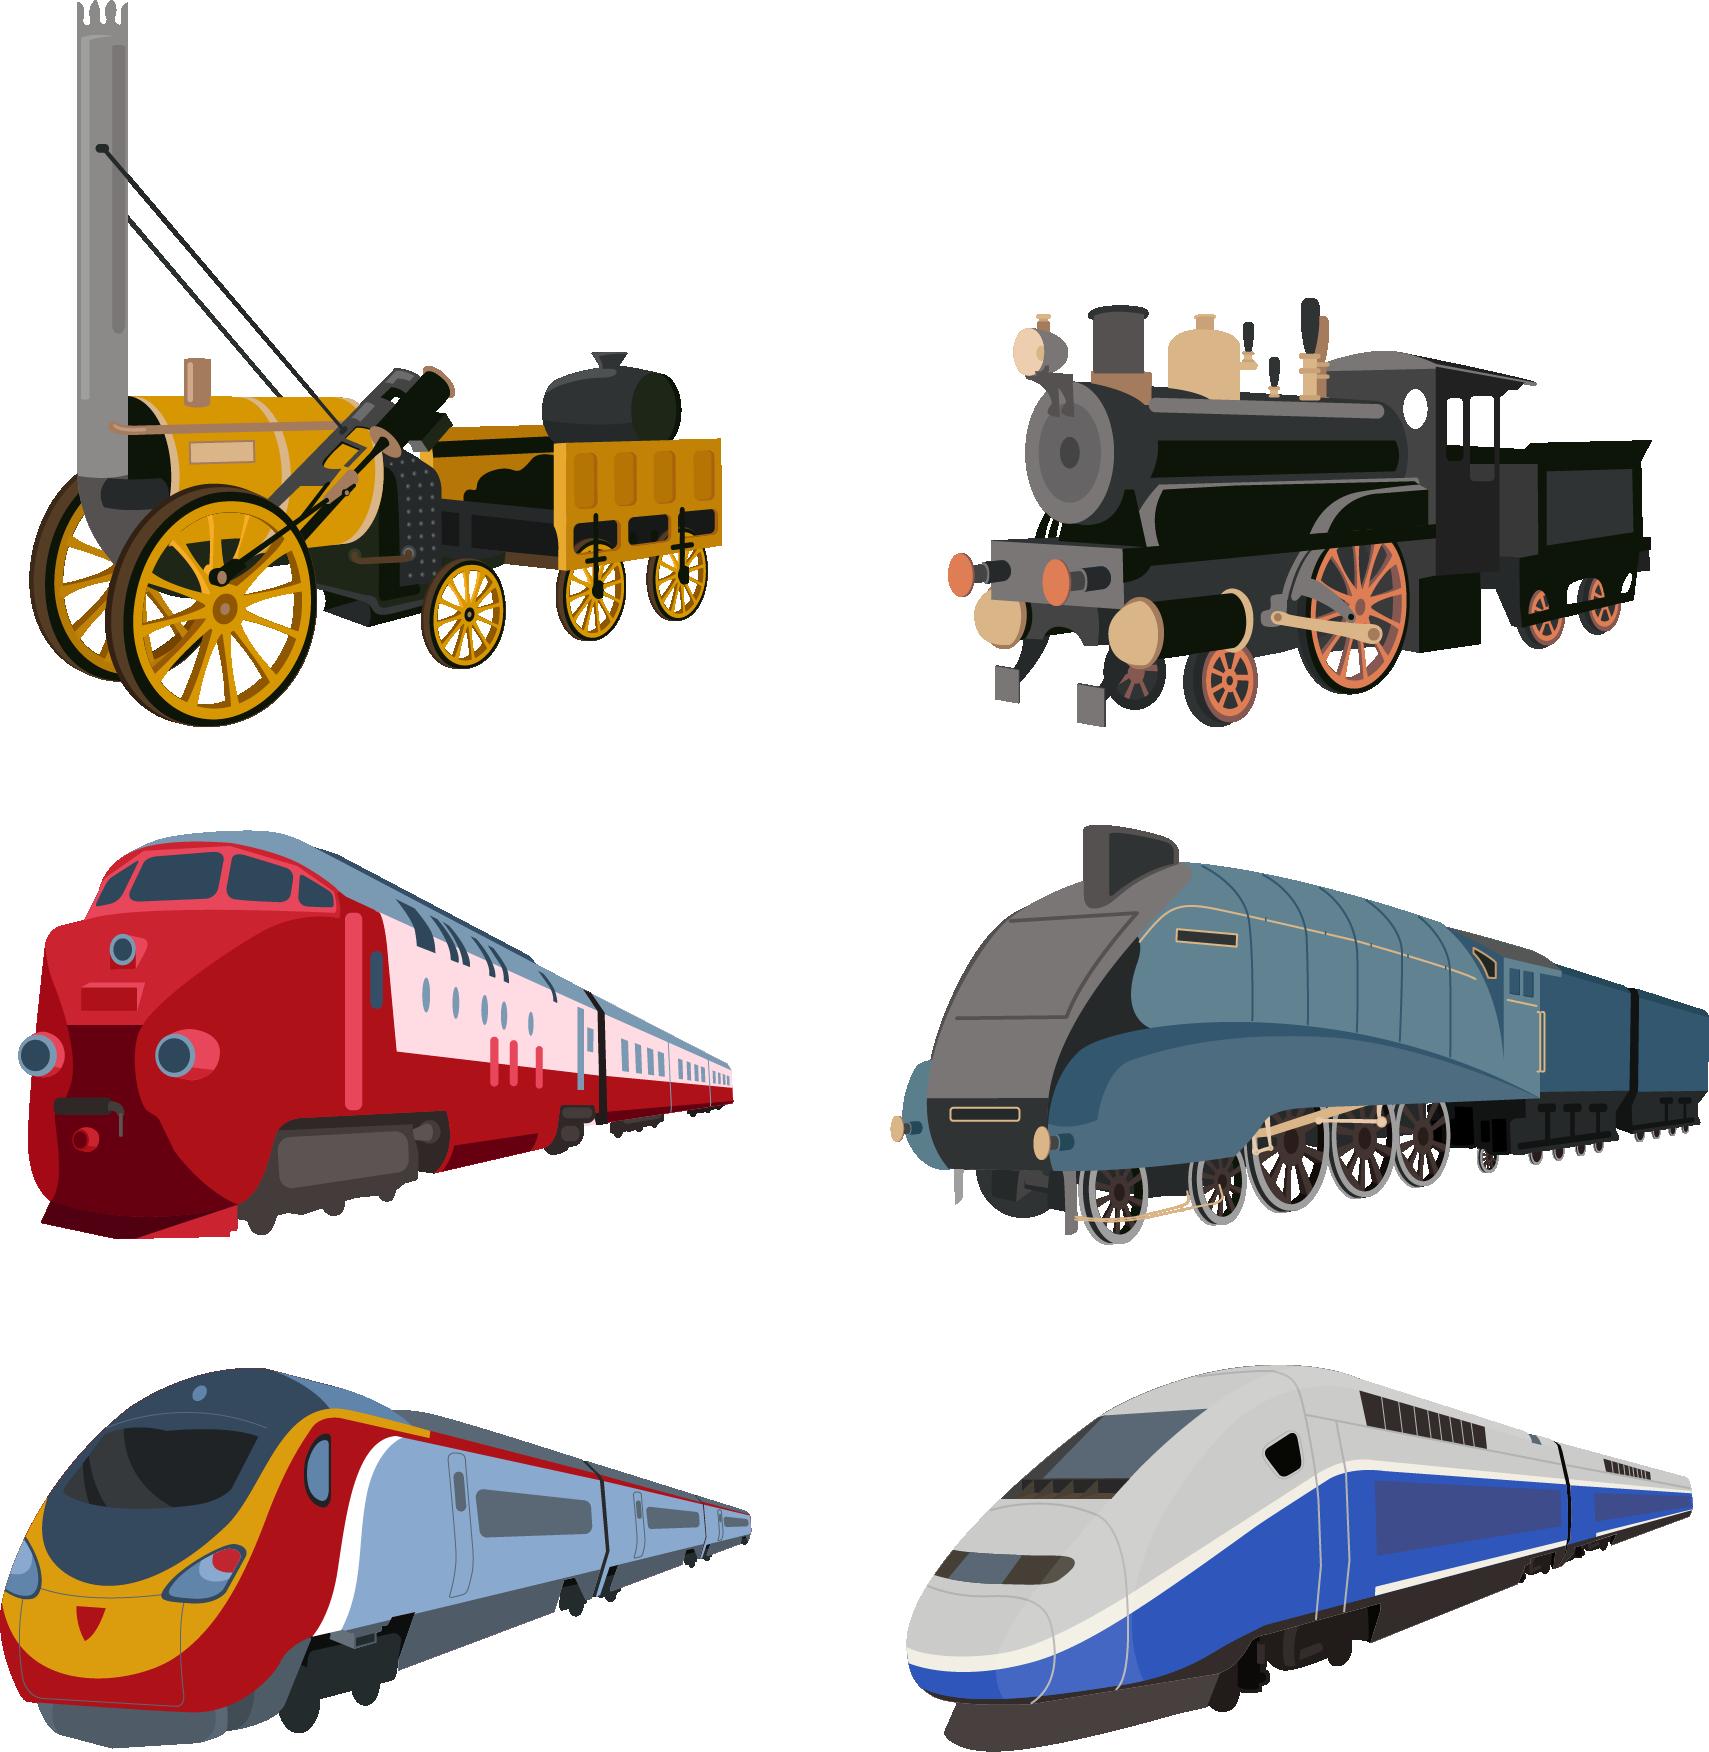 CEO Locomotive